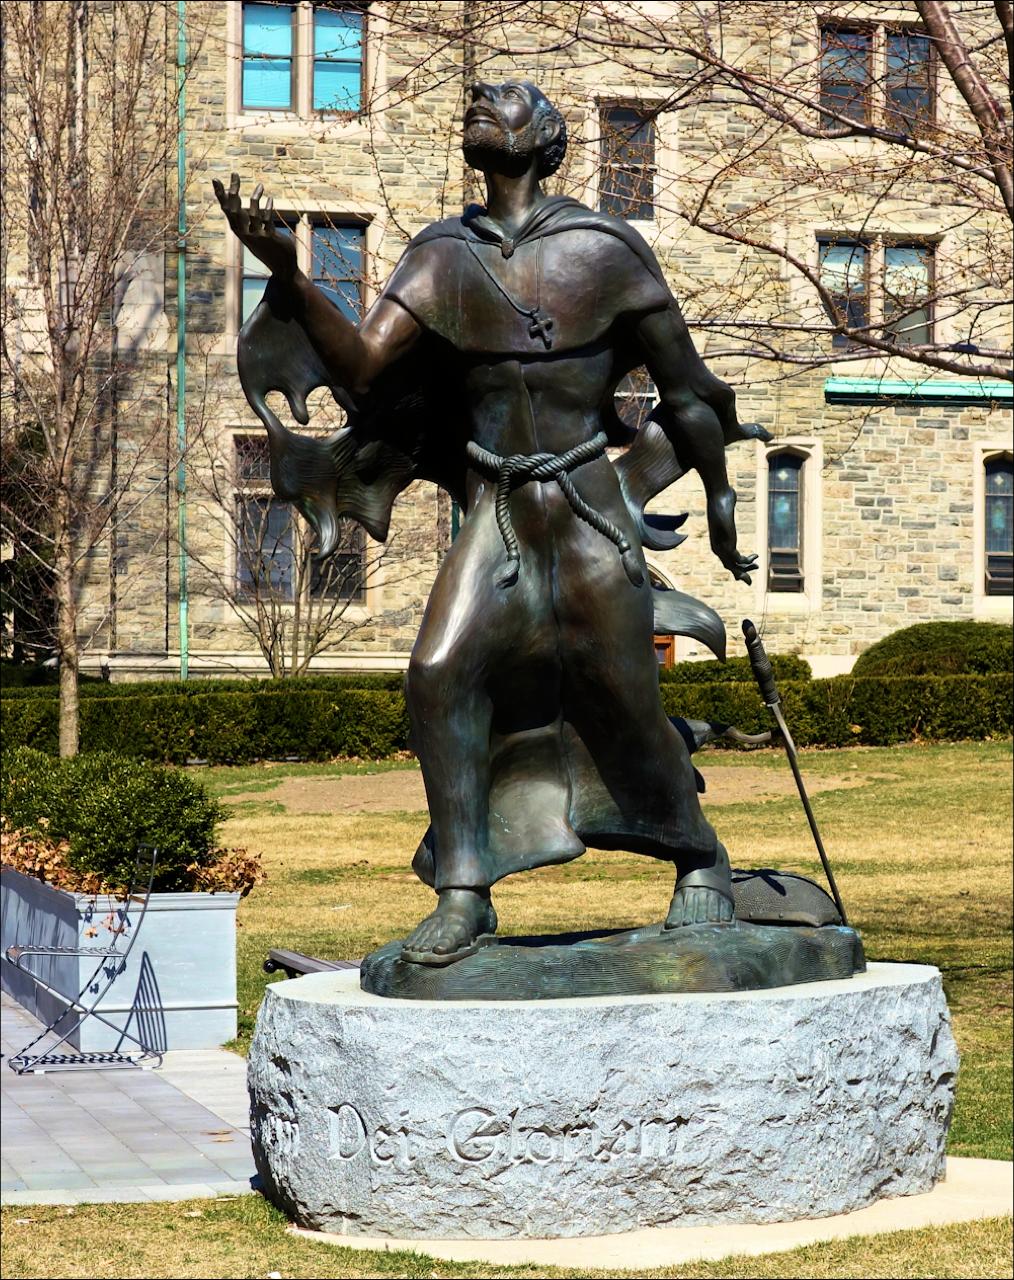 Statue of St. Ignatius at Fordham University